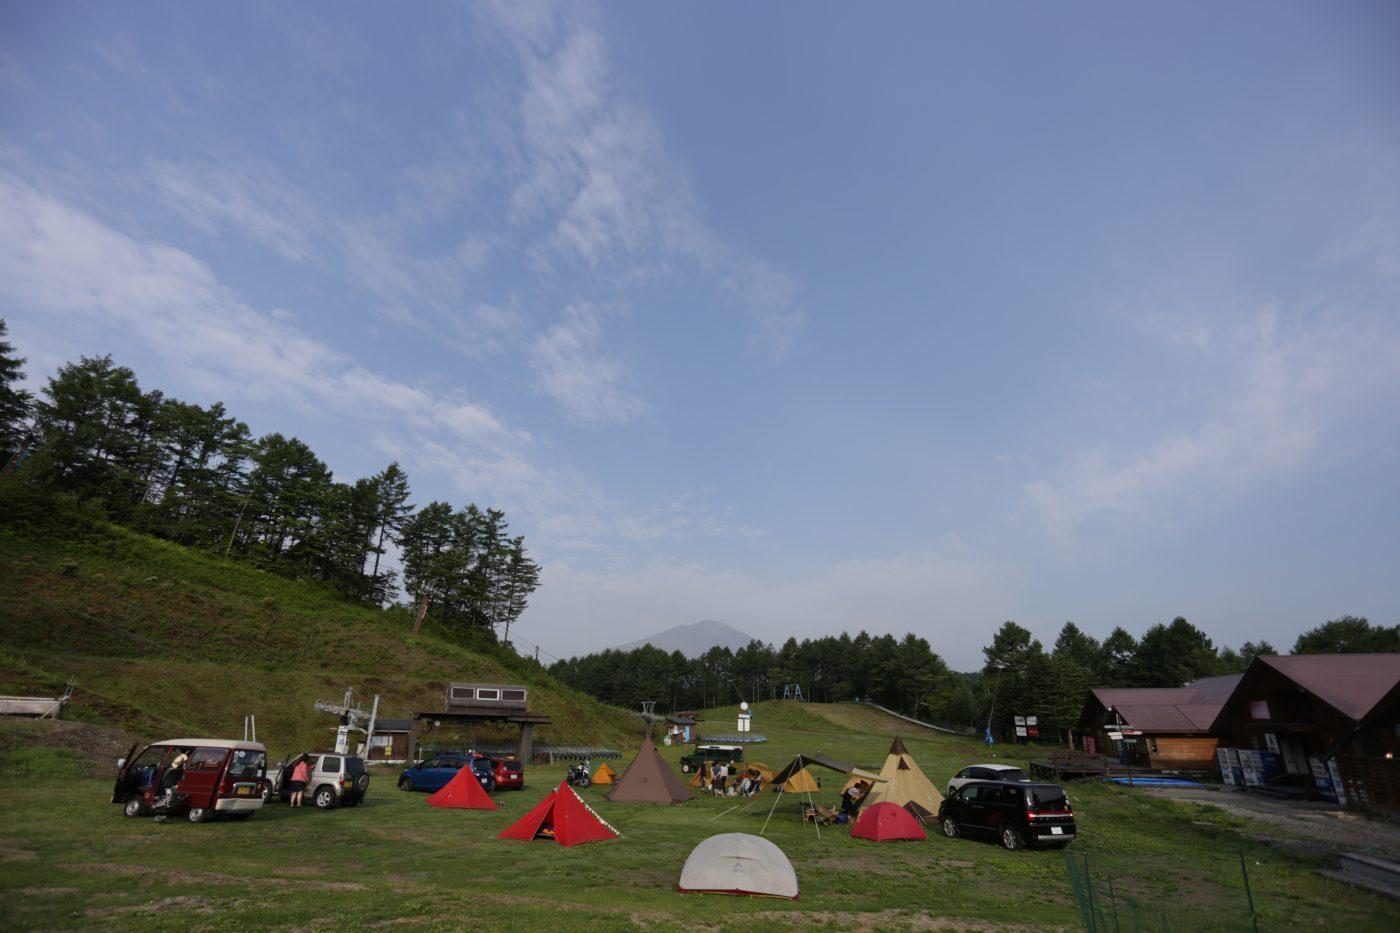 キャンプ場によっては手ぶらでキャンプが出来るようなレンタルセットがあります。